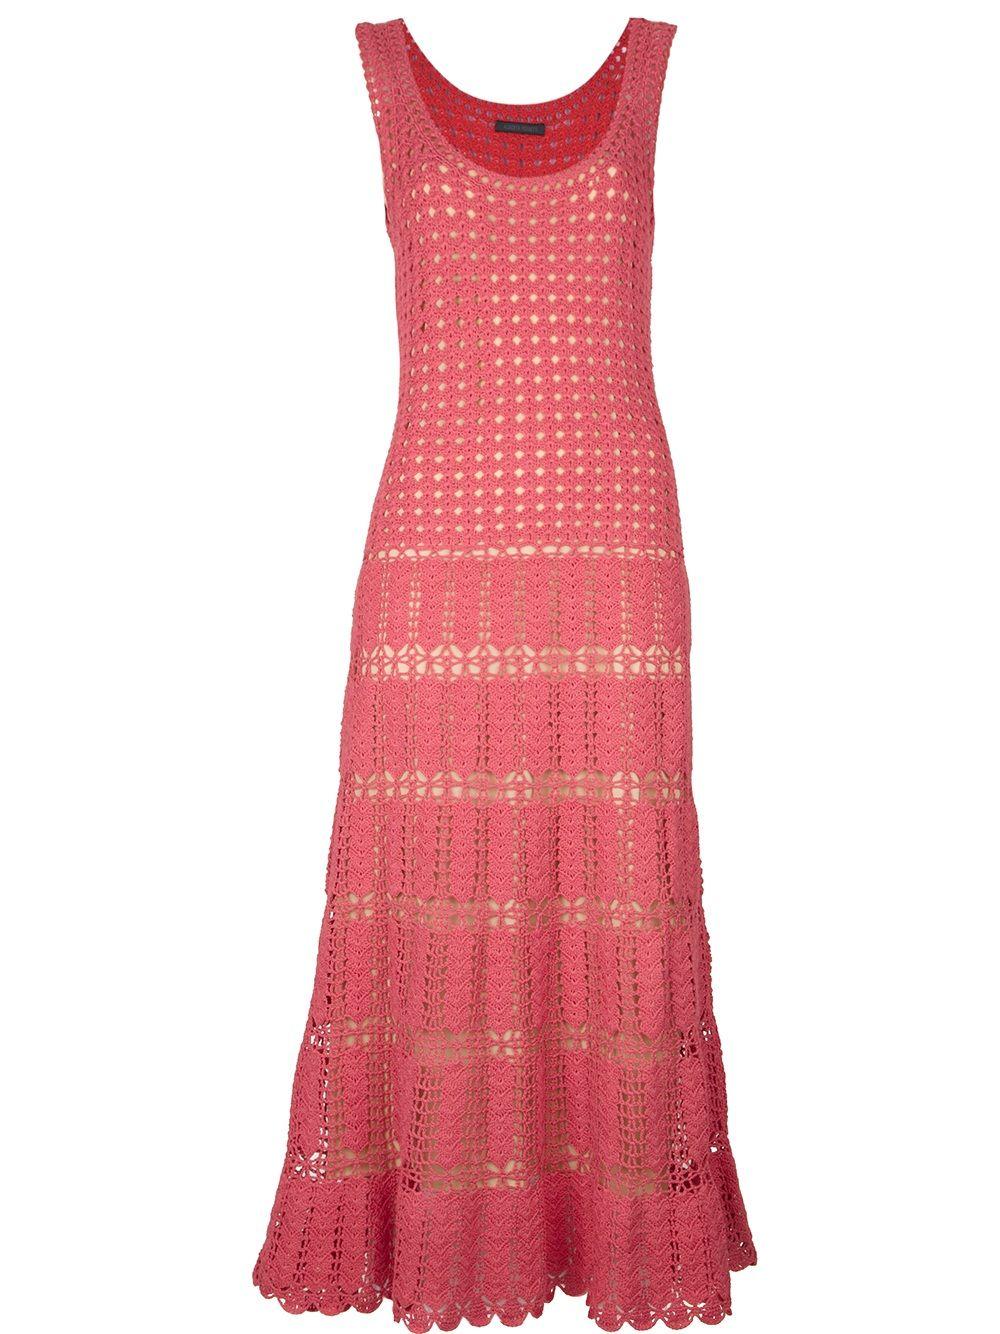 Crochetemoda: Vestido rosa de ganchillo | kleider | Pinterest ...